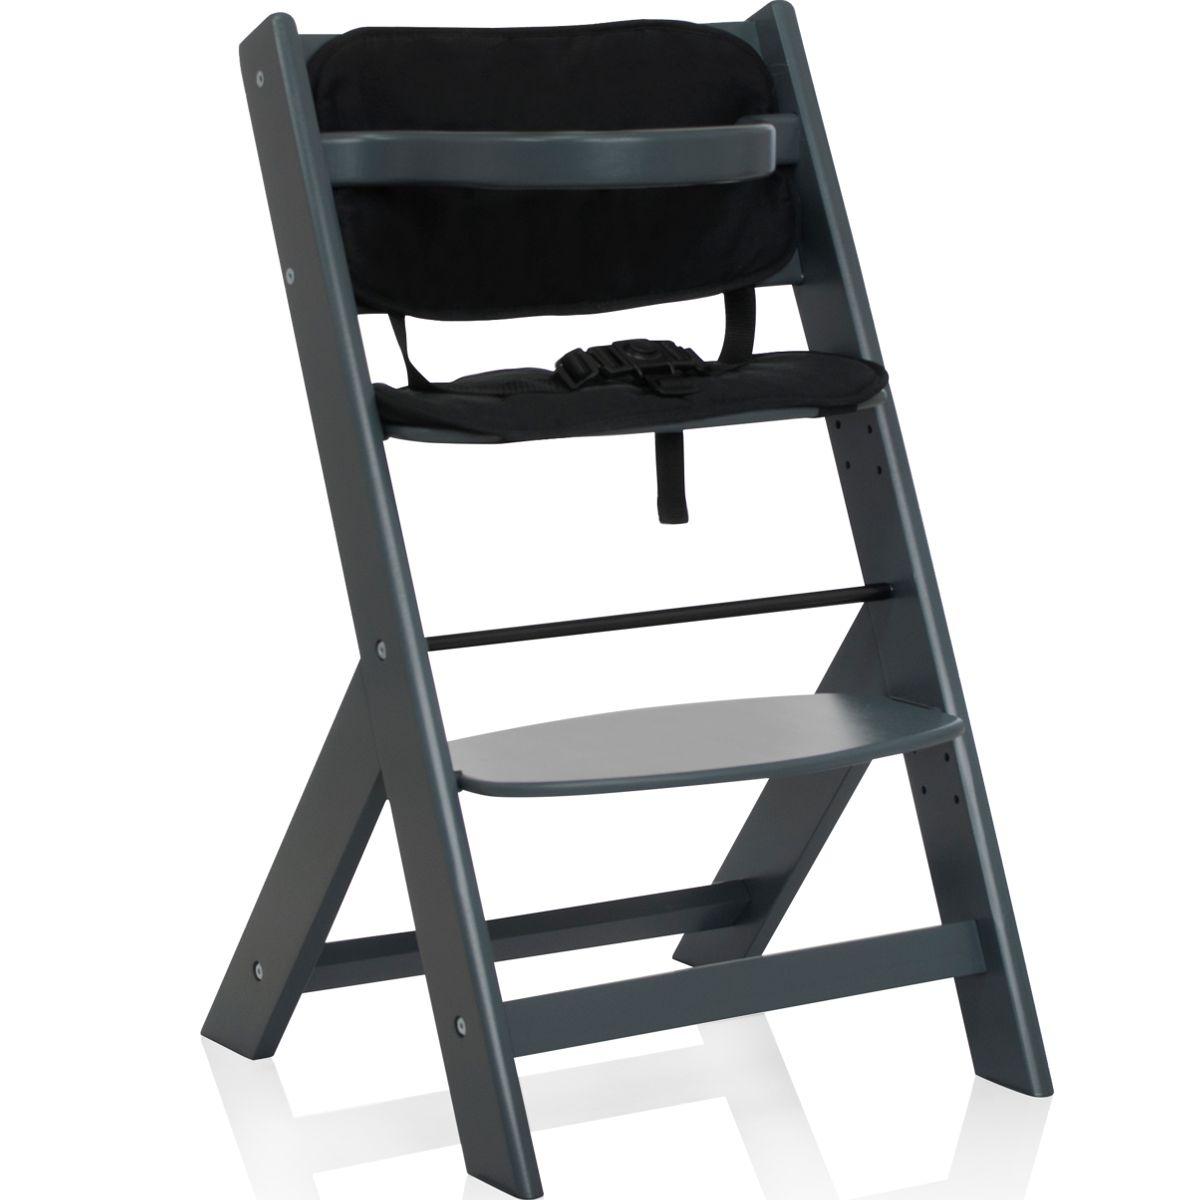 hochstuhl kinderhochstuhl treppenhochstuhl kinder baby. Black Bedroom Furniture Sets. Home Design Ideas